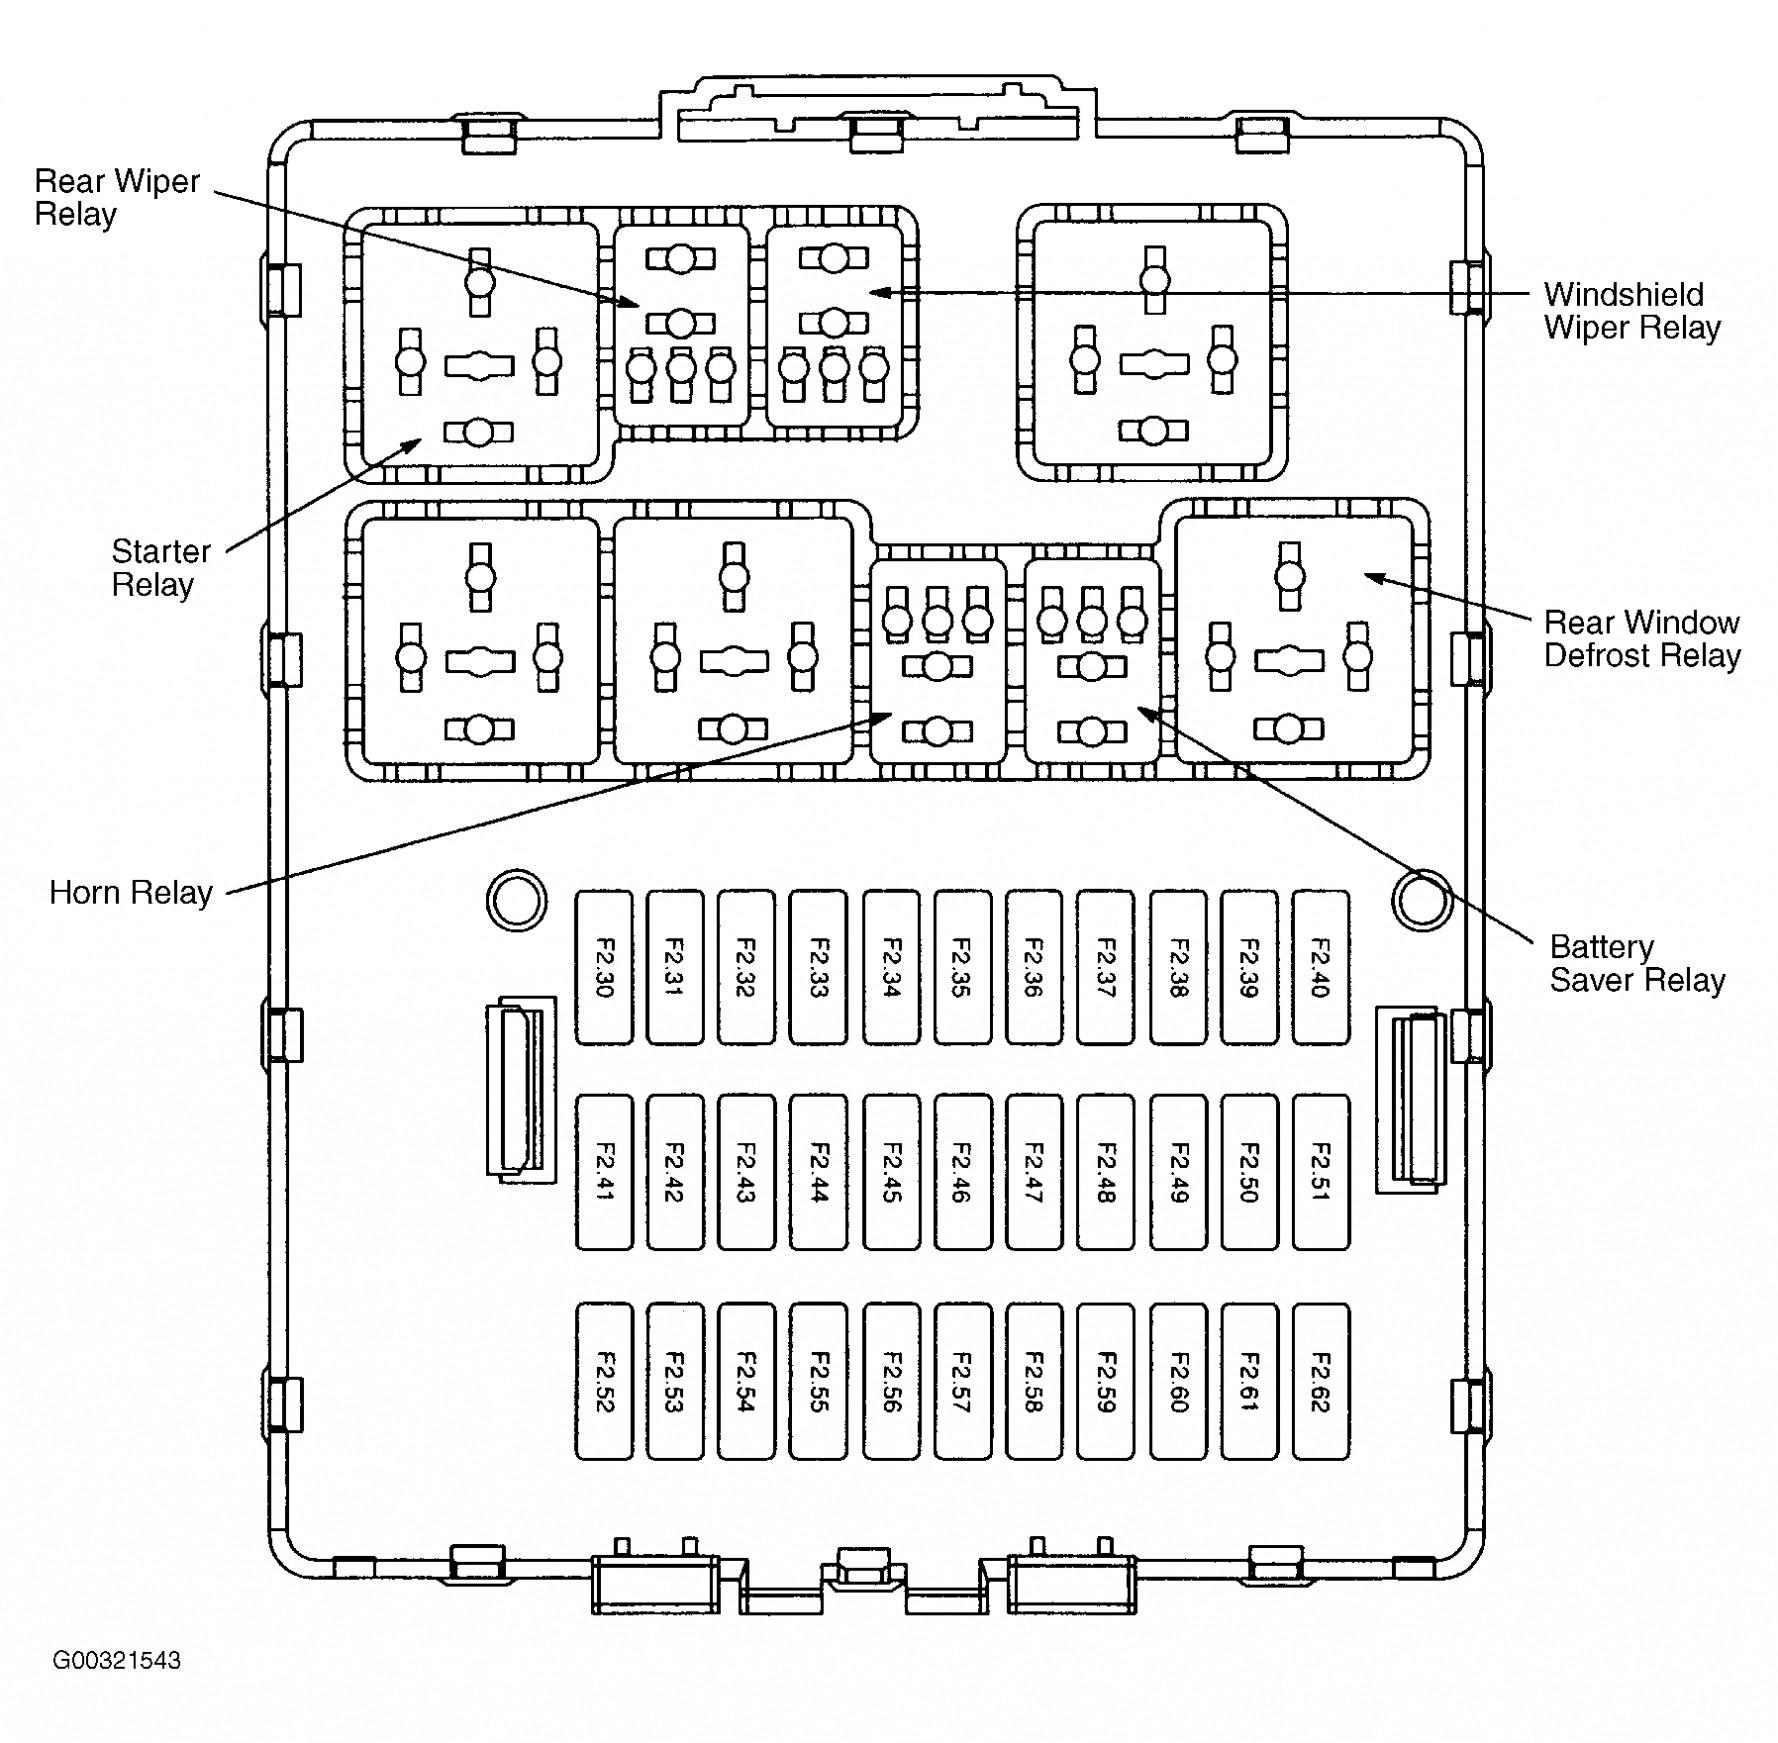 Om 5439 2005 Explorer Fuse Box Diagram Free Diagram